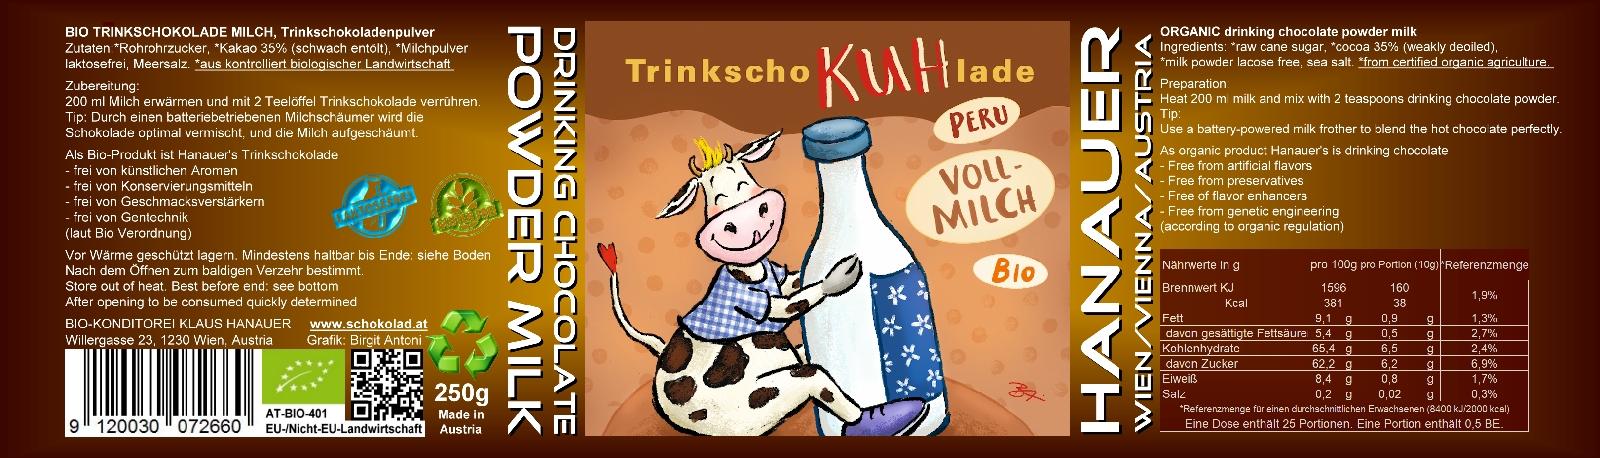 Bio Trink SchoKUHlade Milch Etikett